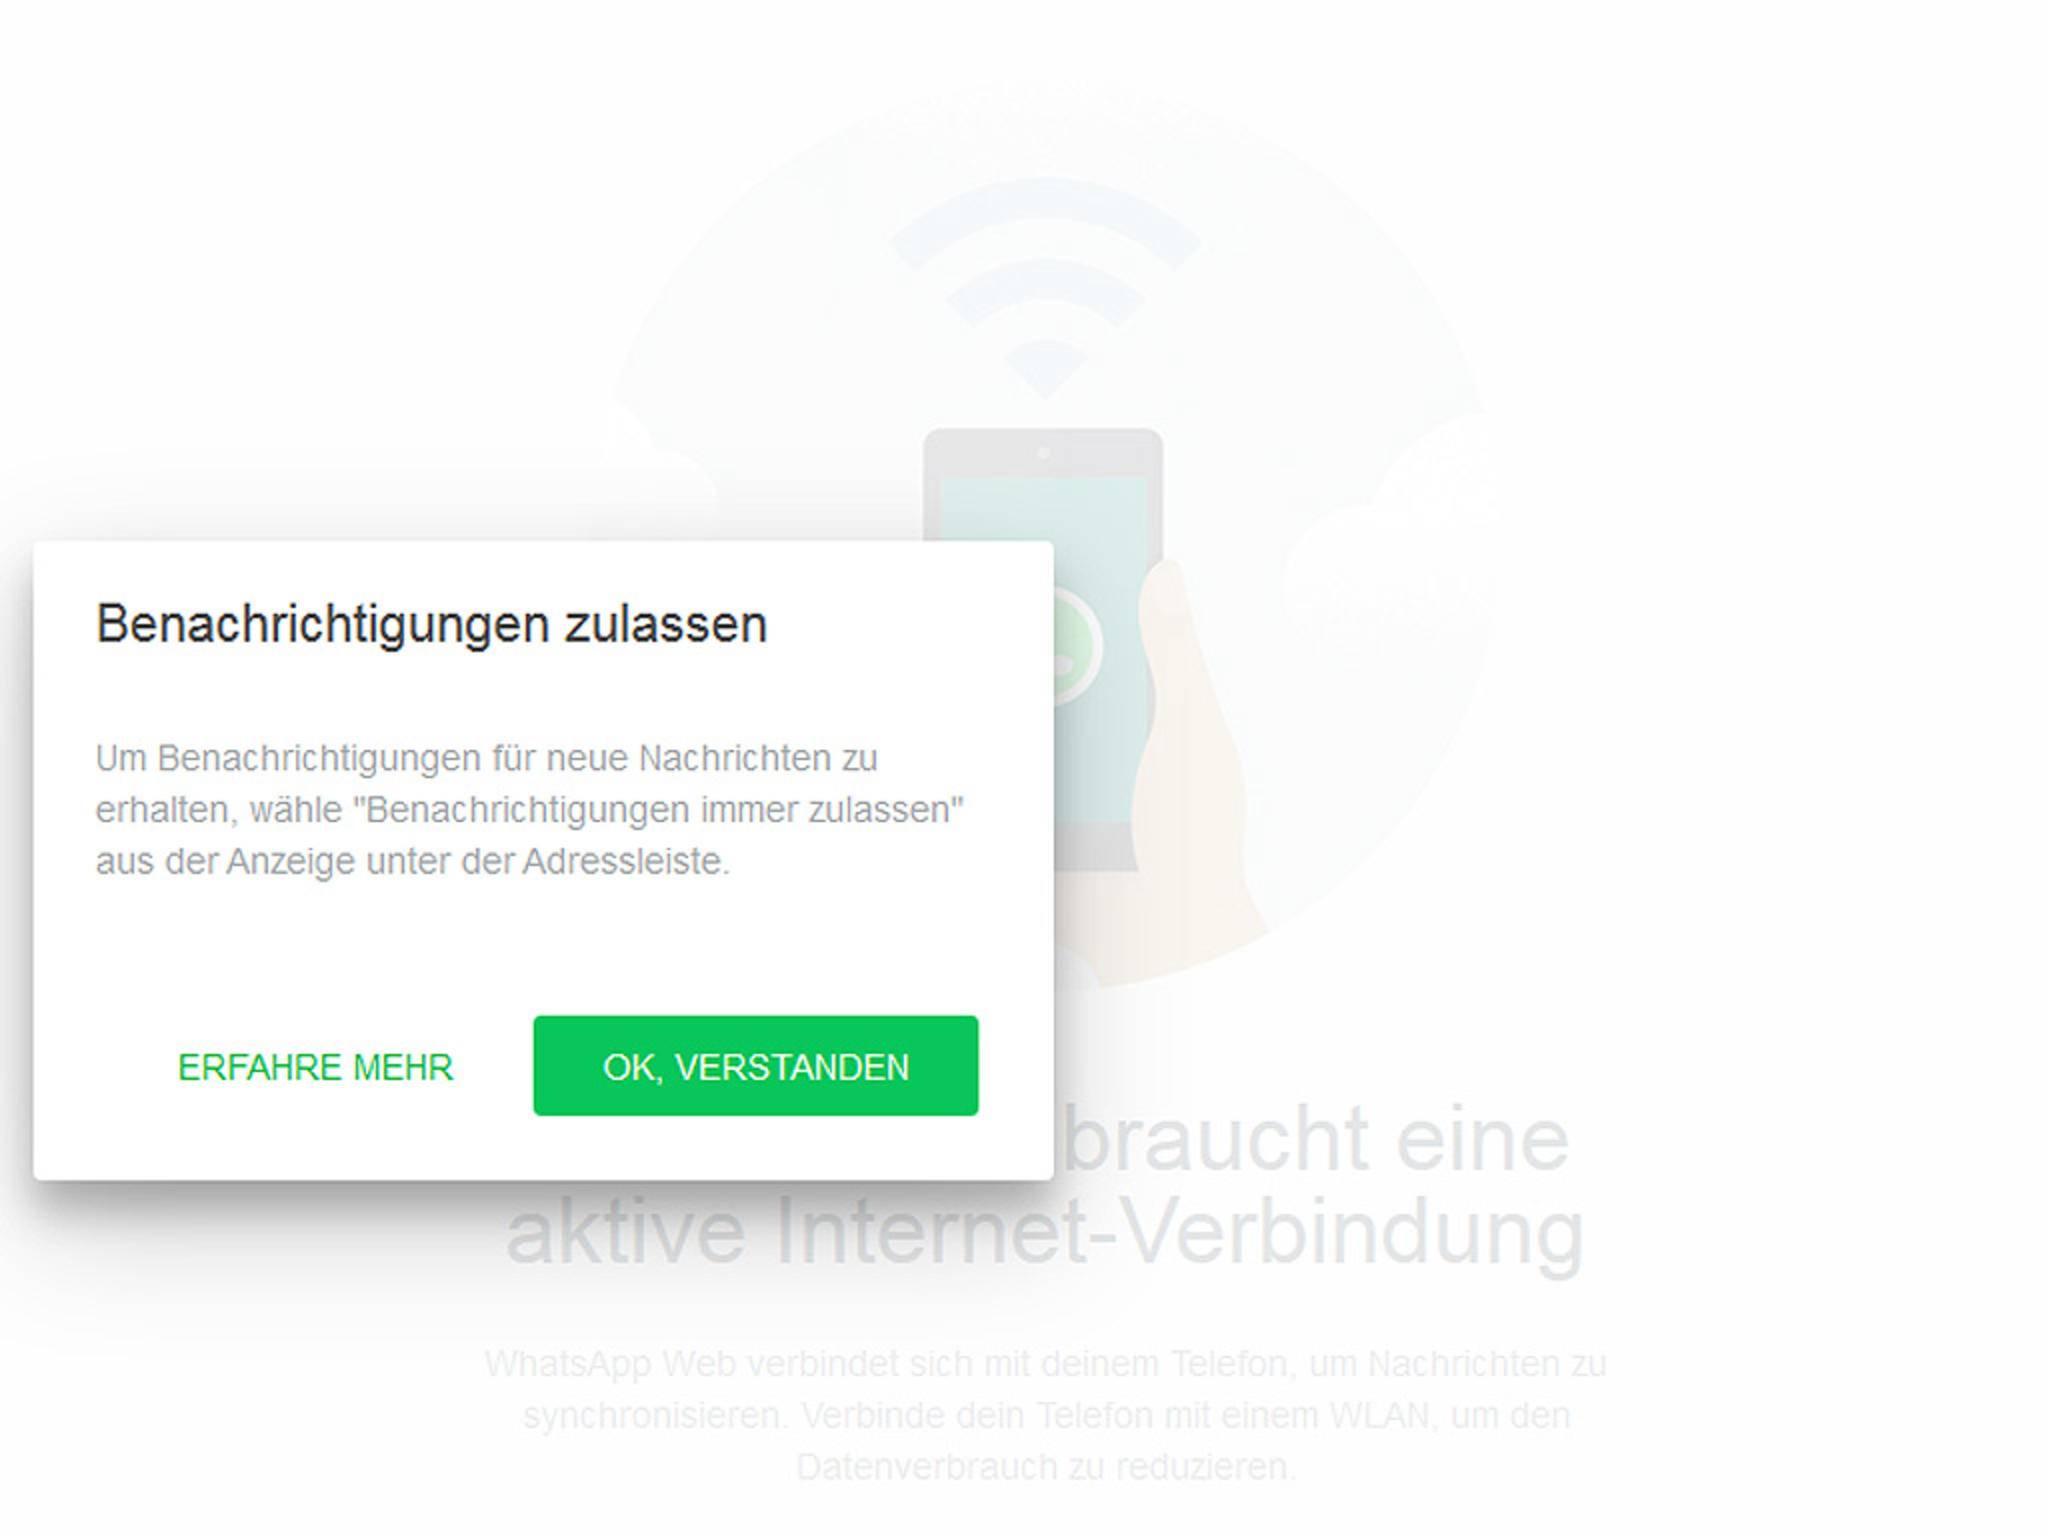 Whatsapp-Web-Notification